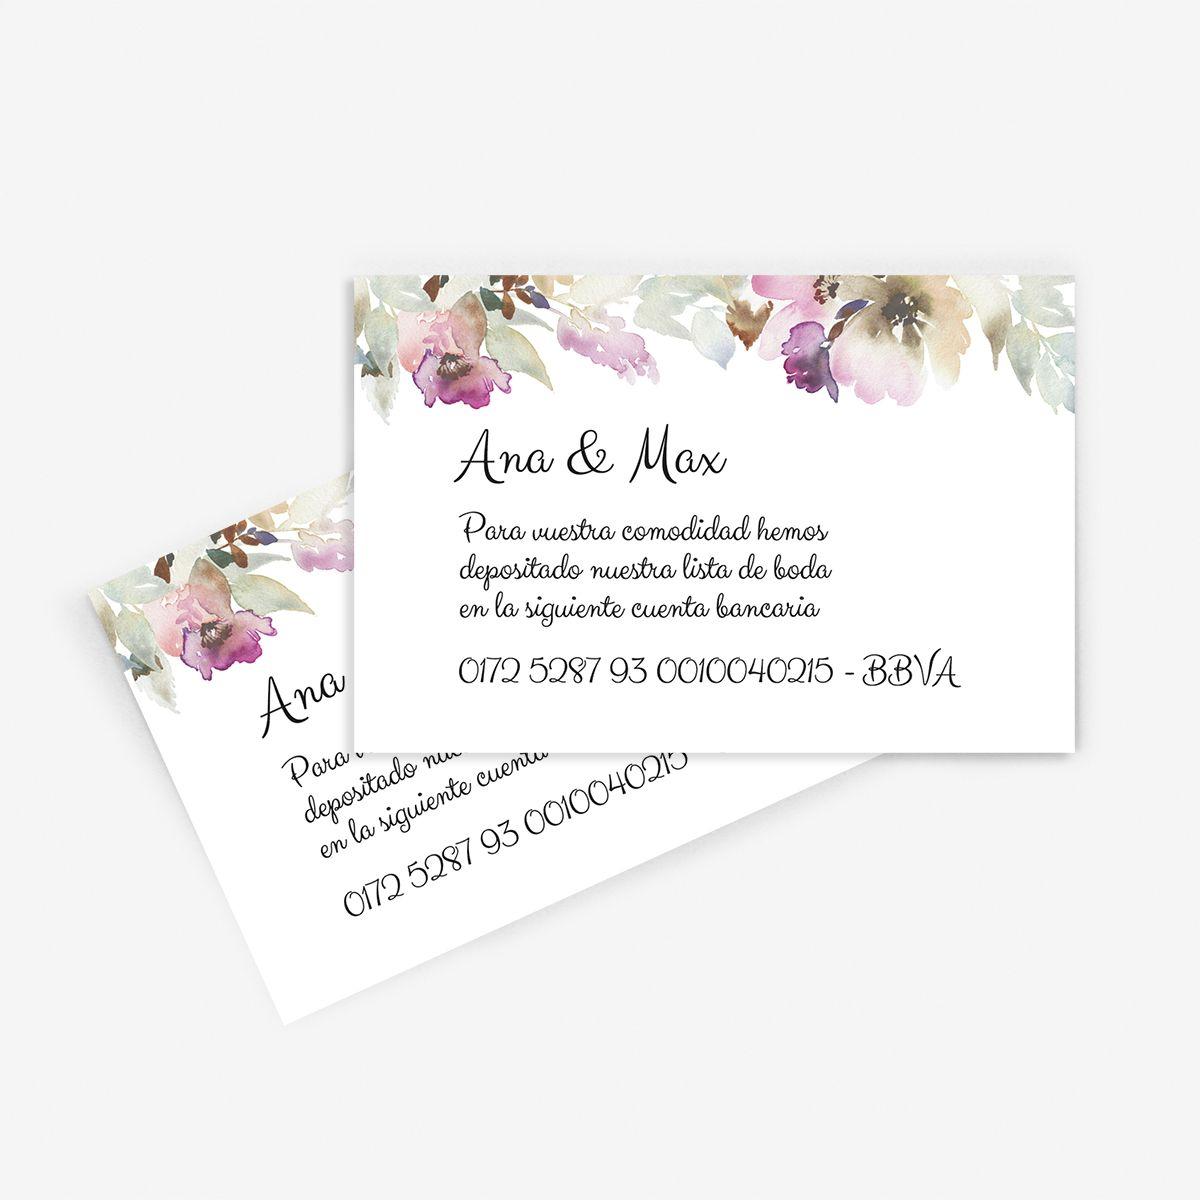 Tarjeta nº cuenta boda Lidia